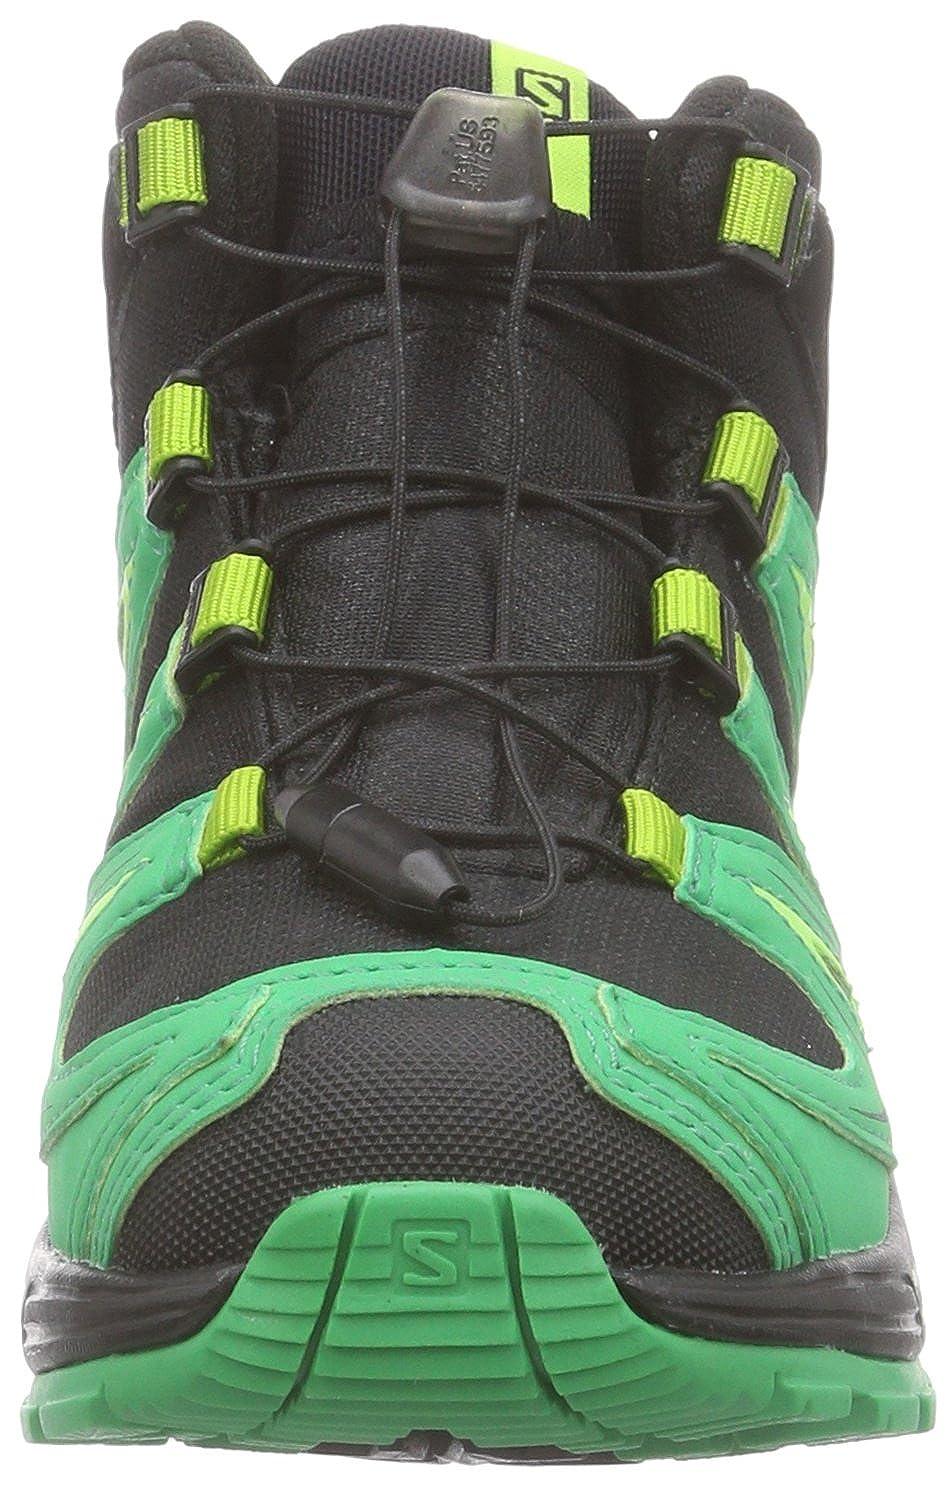 SalomonXA Pro 3D Mid K Zapatillas de Trekking y Senderismo de Media ca/ña Ni/ños-Ni/ñas